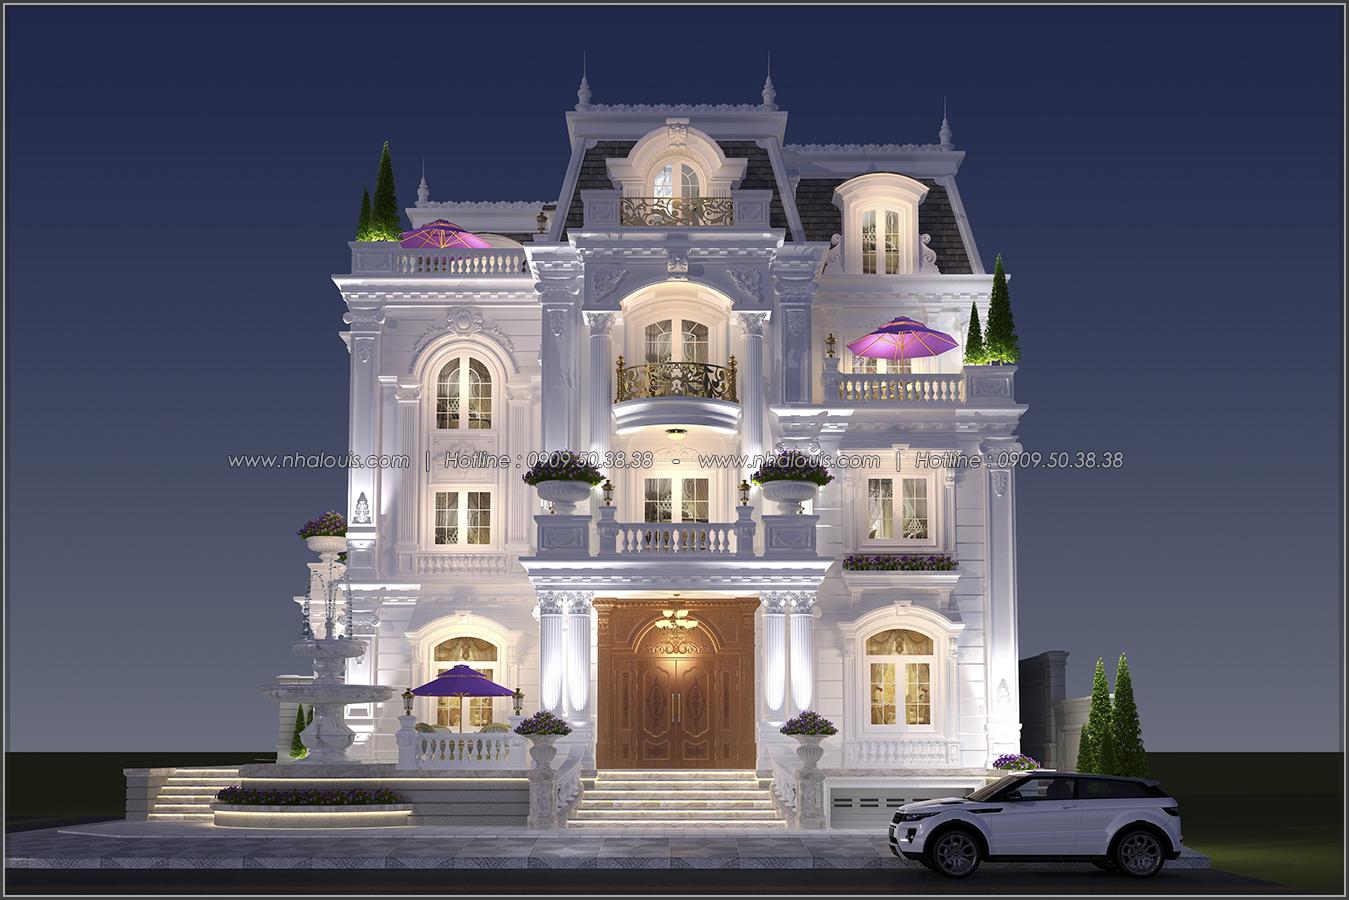 Đẳng cấp đích thực trong thiết kế biệt thự cổ điển 3 tầng tại Bình Tân - 1